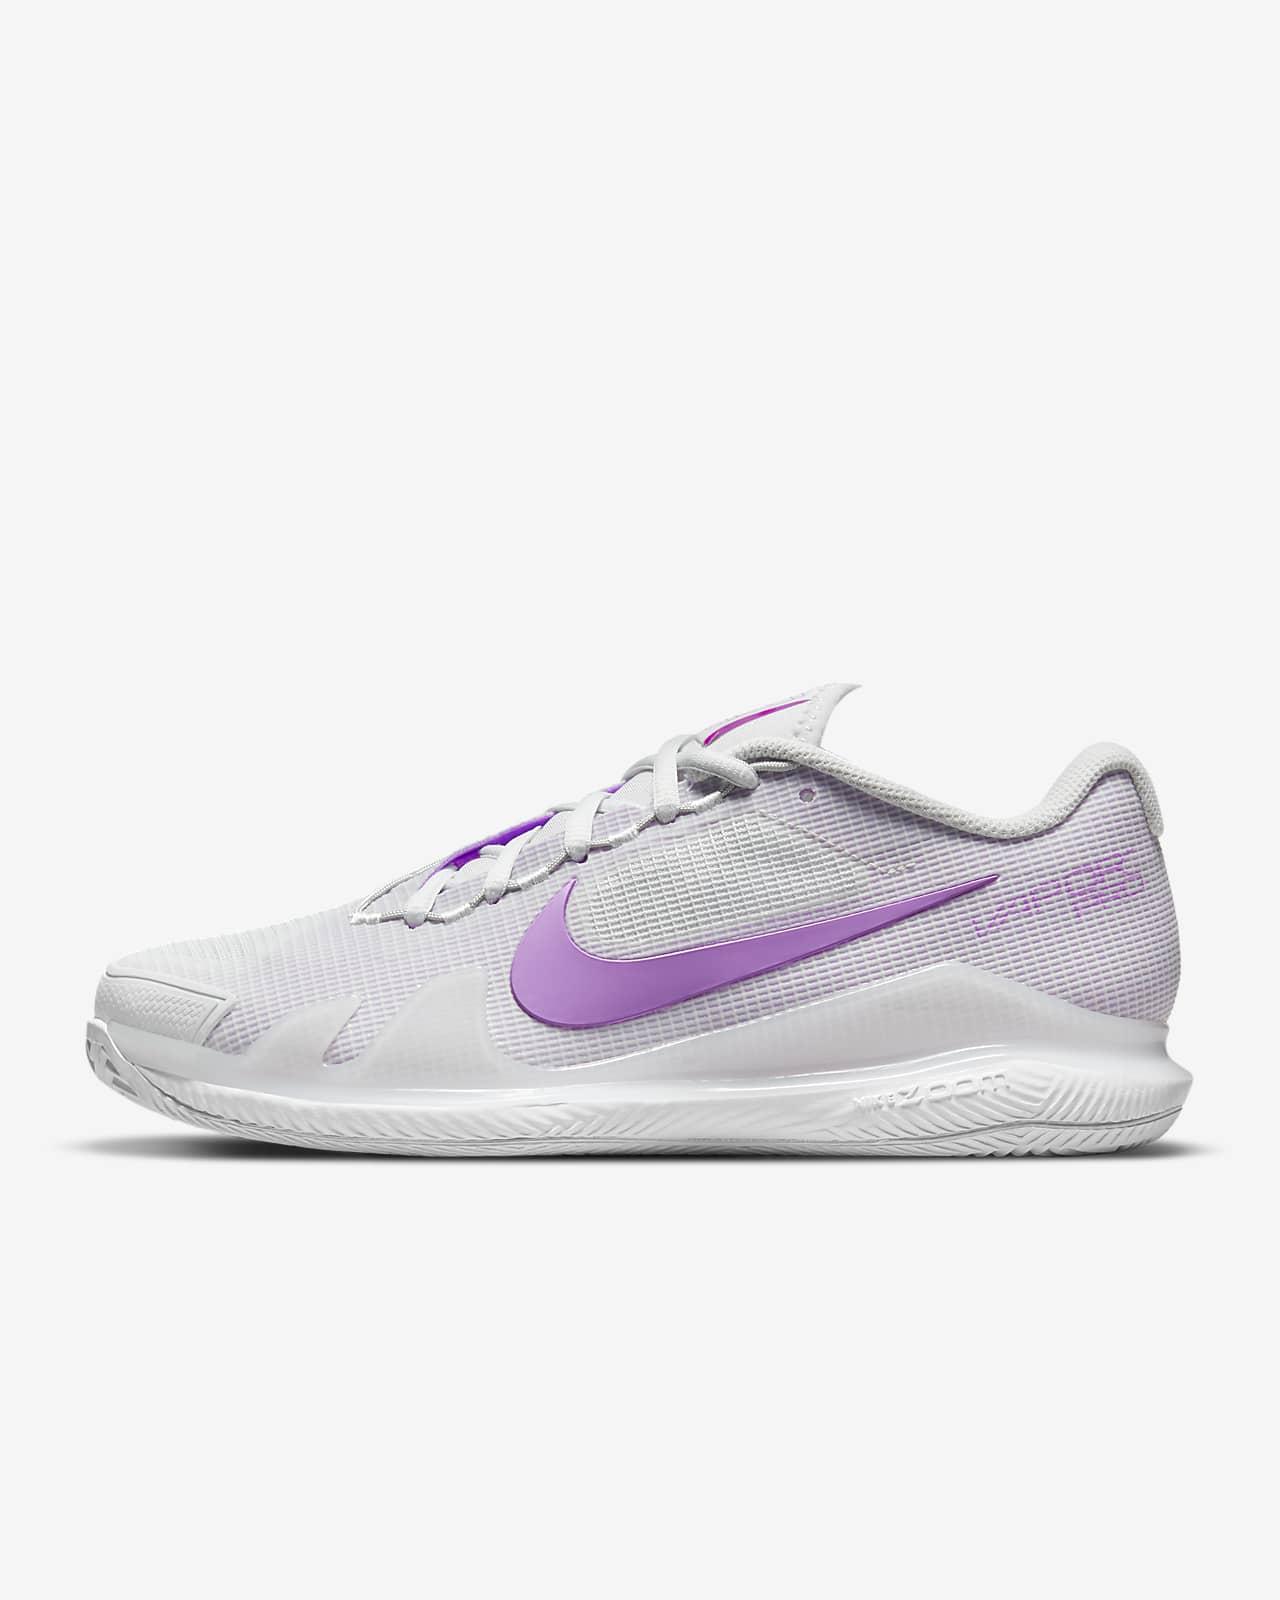 Damskie Buty Do Tenisa Na Korty Ziemne Nikecourt Air Zoom Vapor Pro Nike Pl